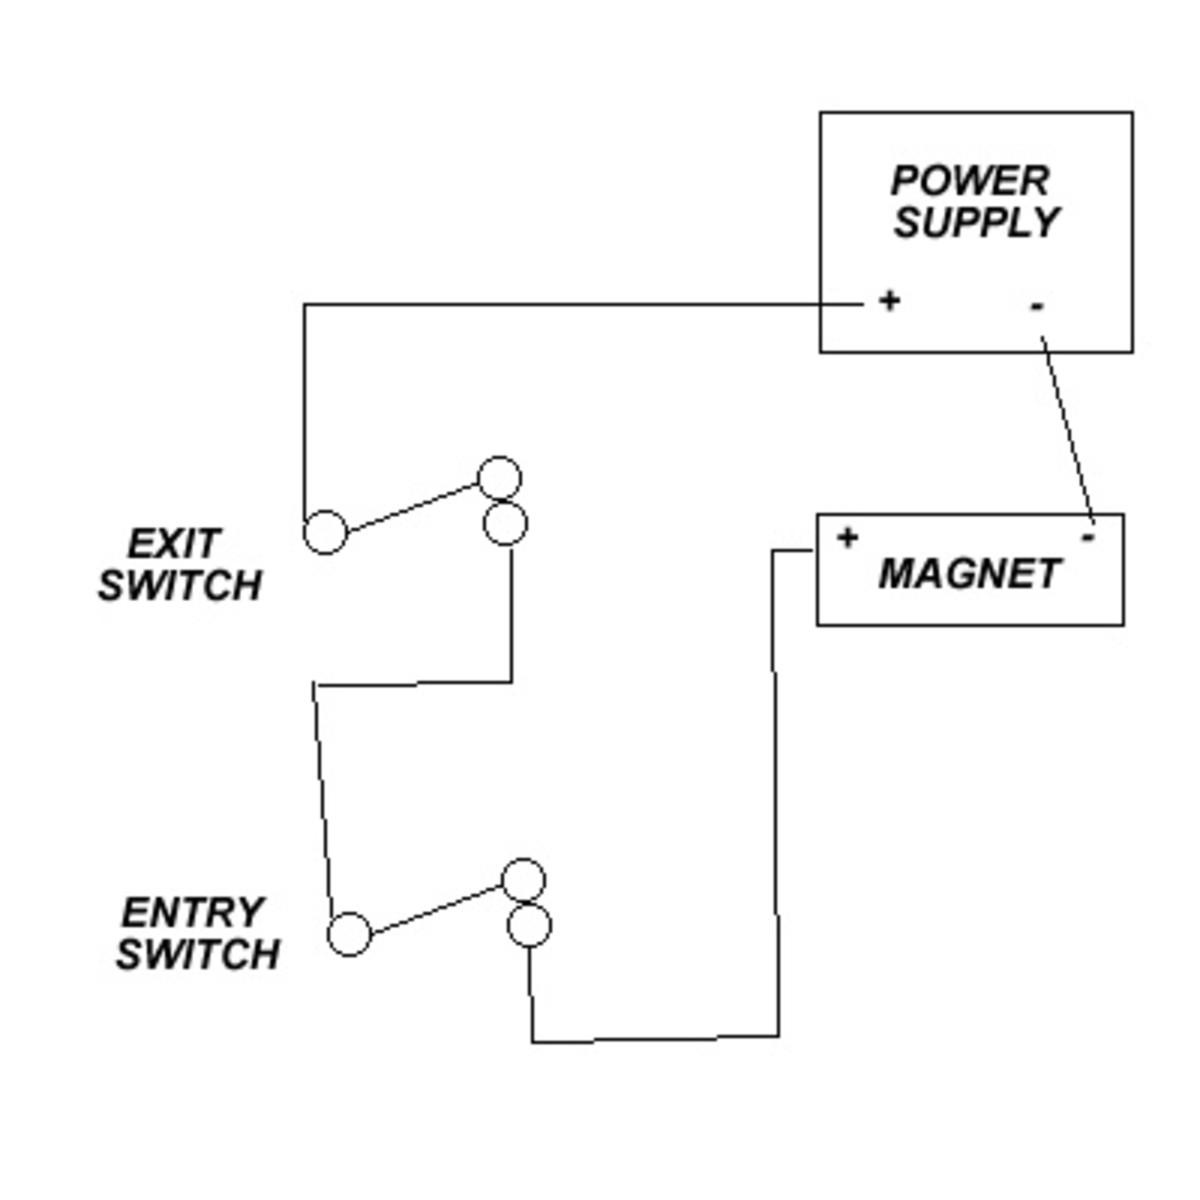 schlage wiring diagram schlage free wiring diagrams